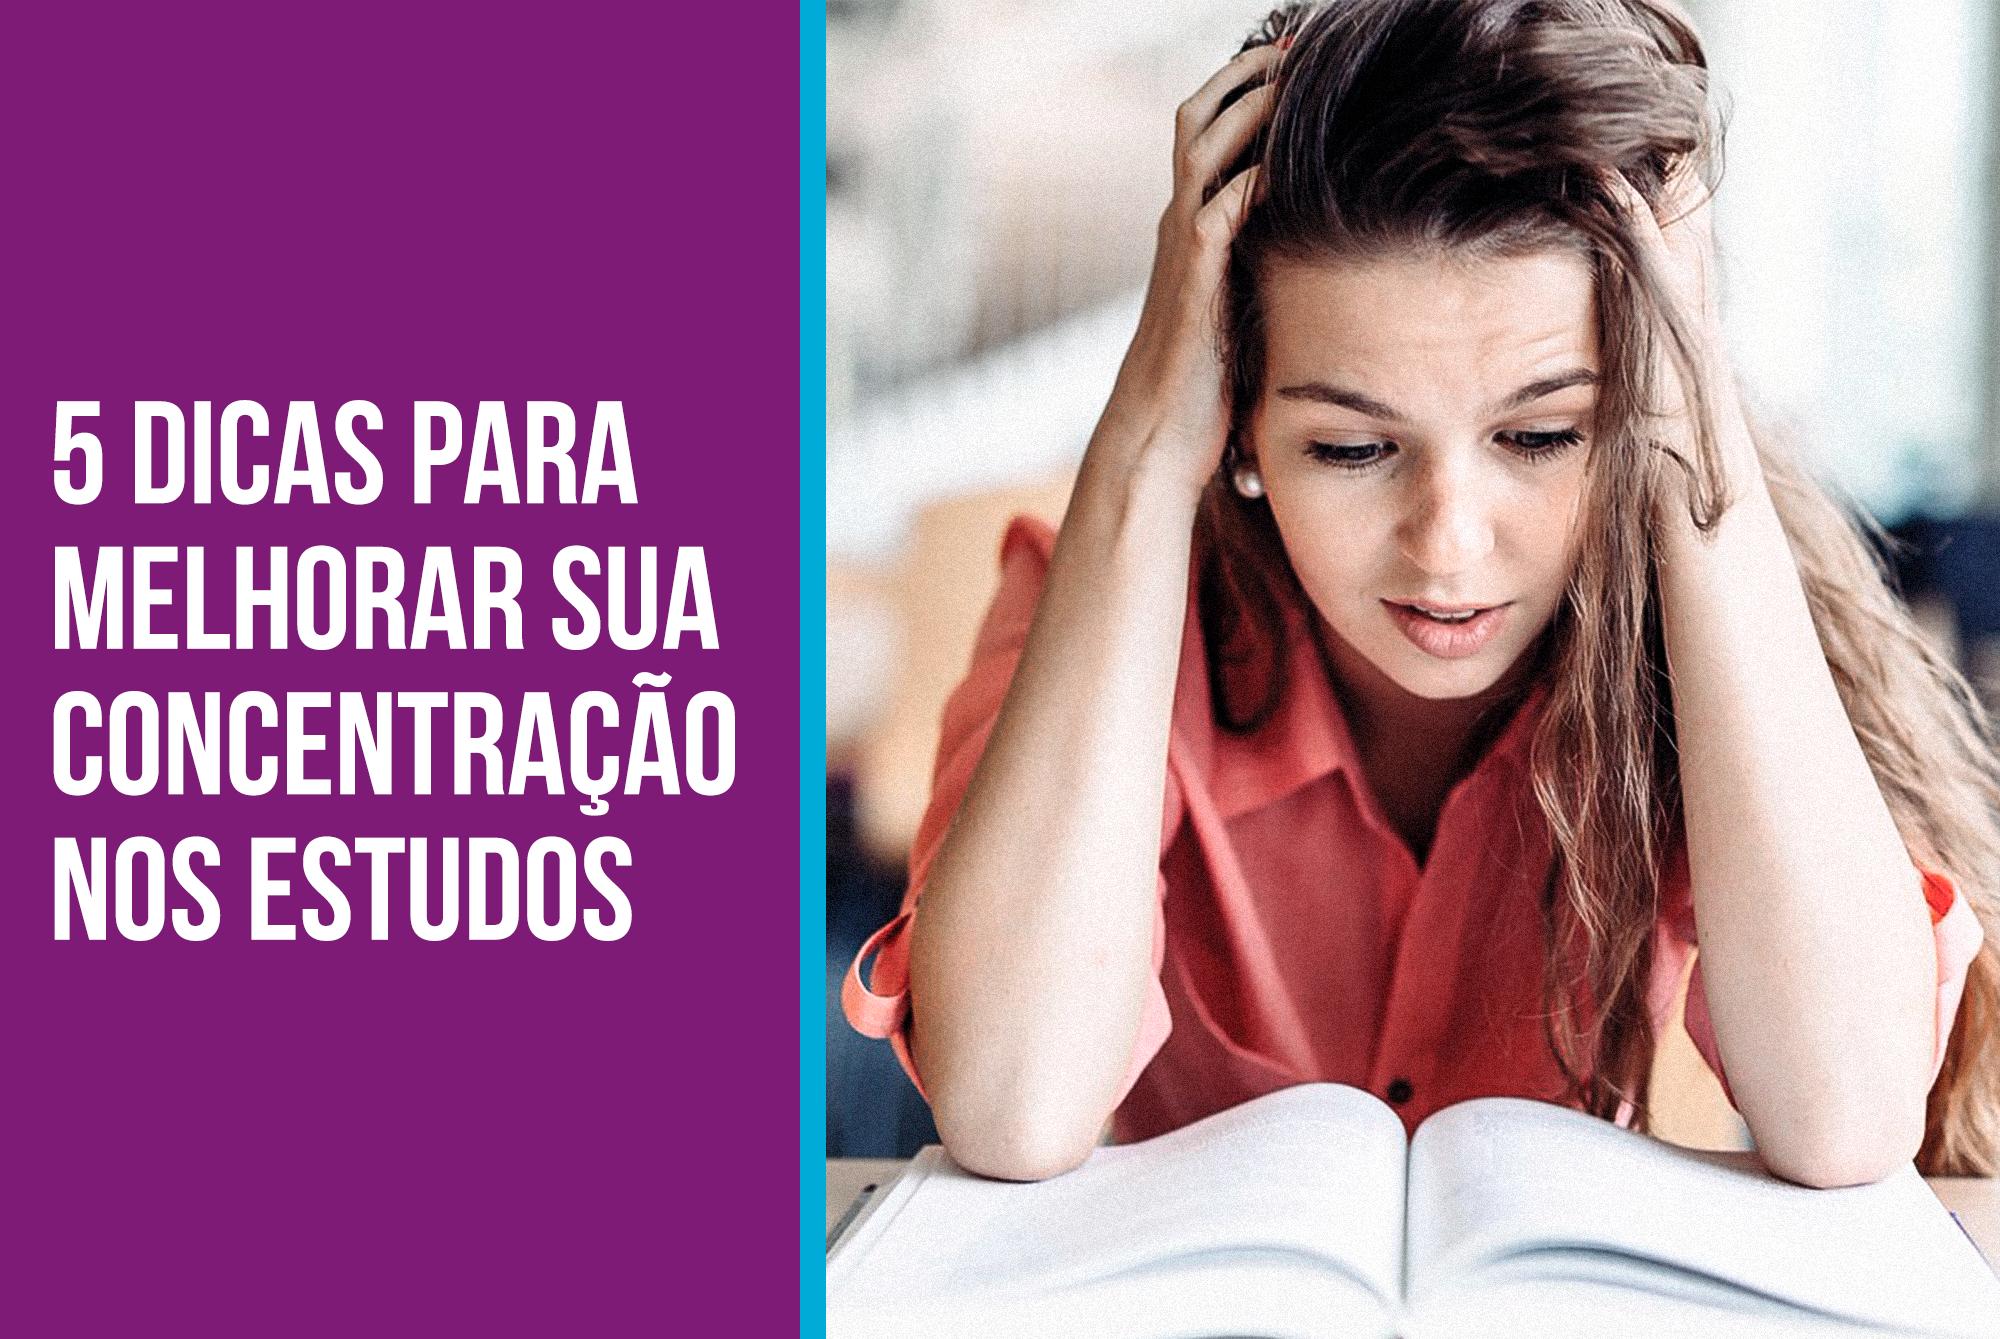 Copop SITE – Concentração Nos Estudos